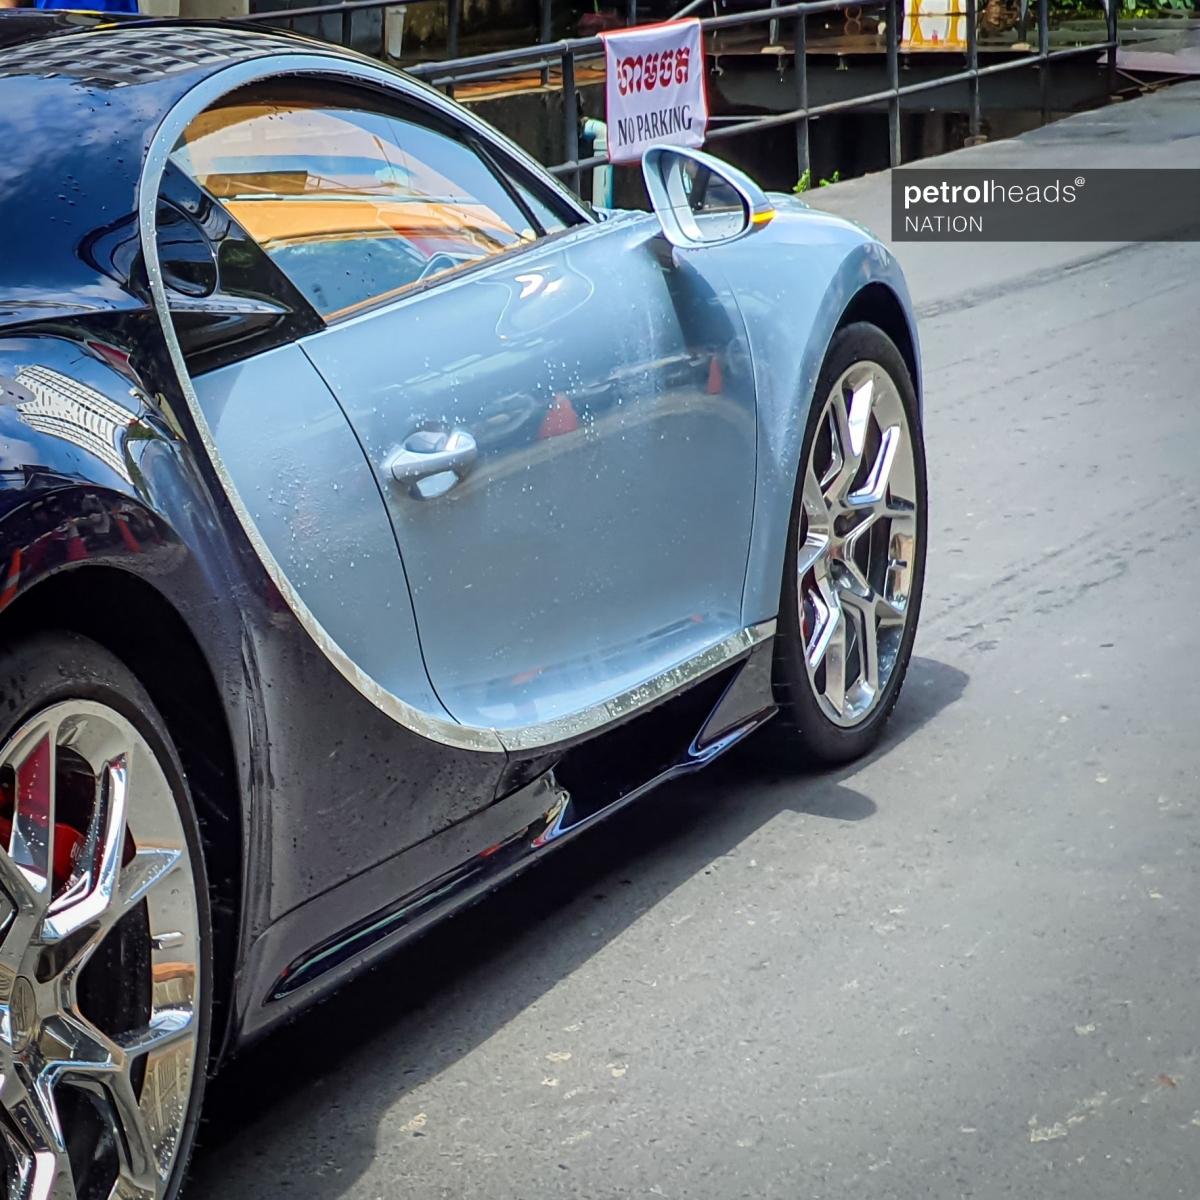 Hiện tại, giá bán của chiếc Bugatti Chiron thứ ba tại Campuchia cũng như hai chiếc về trước vẫn còn là một ẩn số.